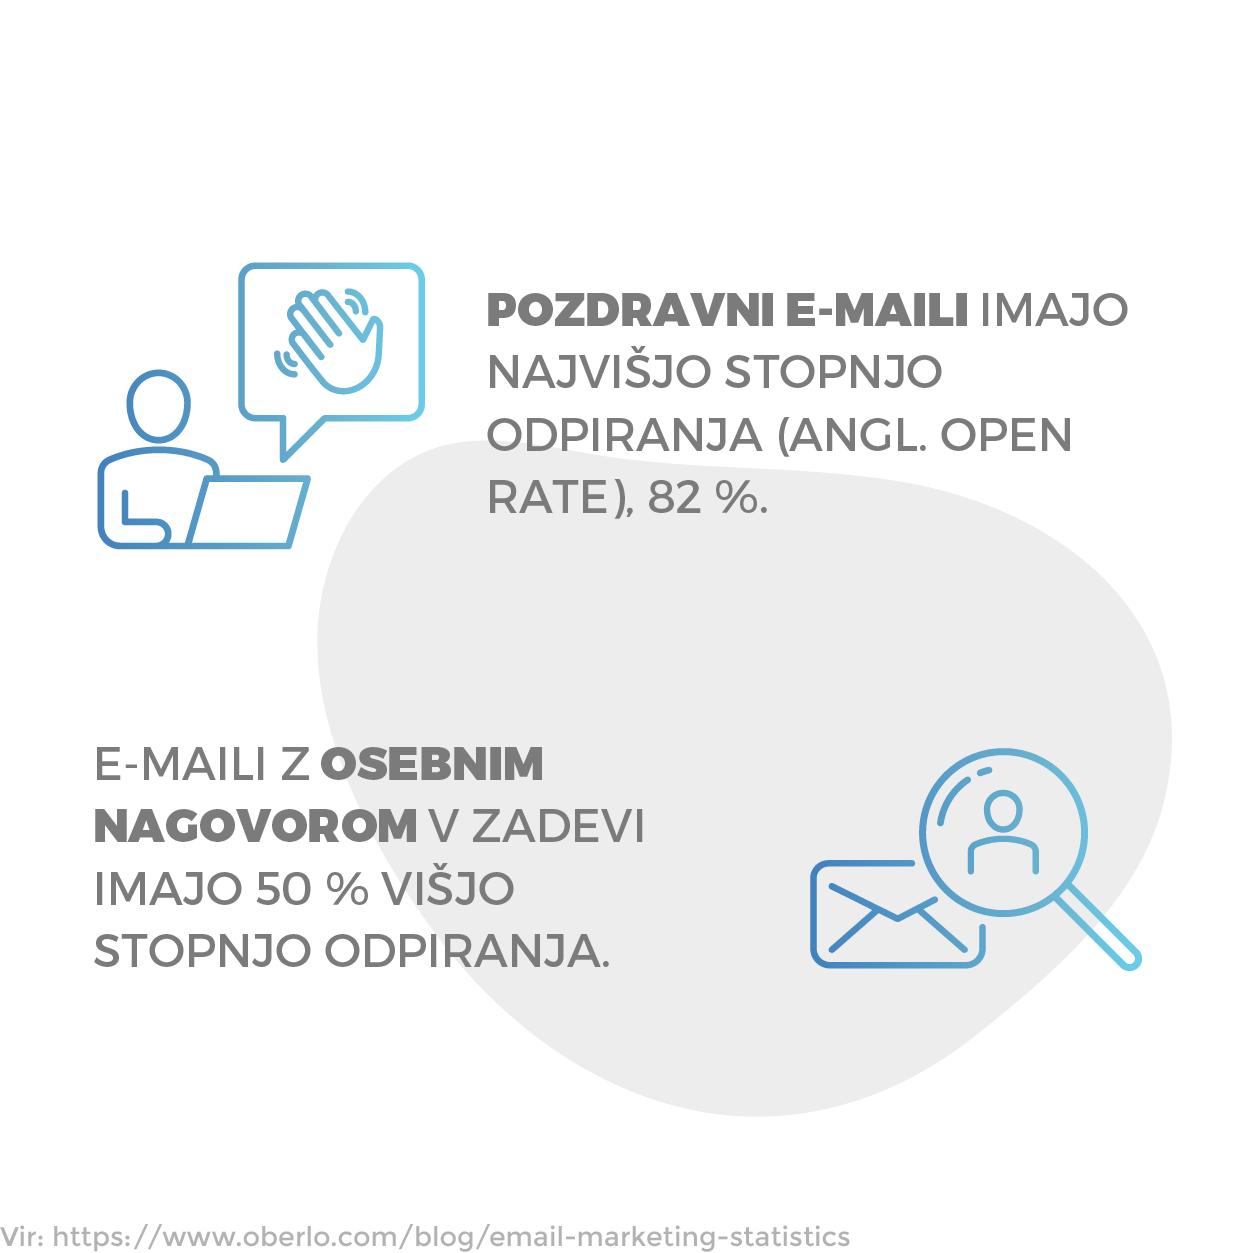 Pozdravni e-maili